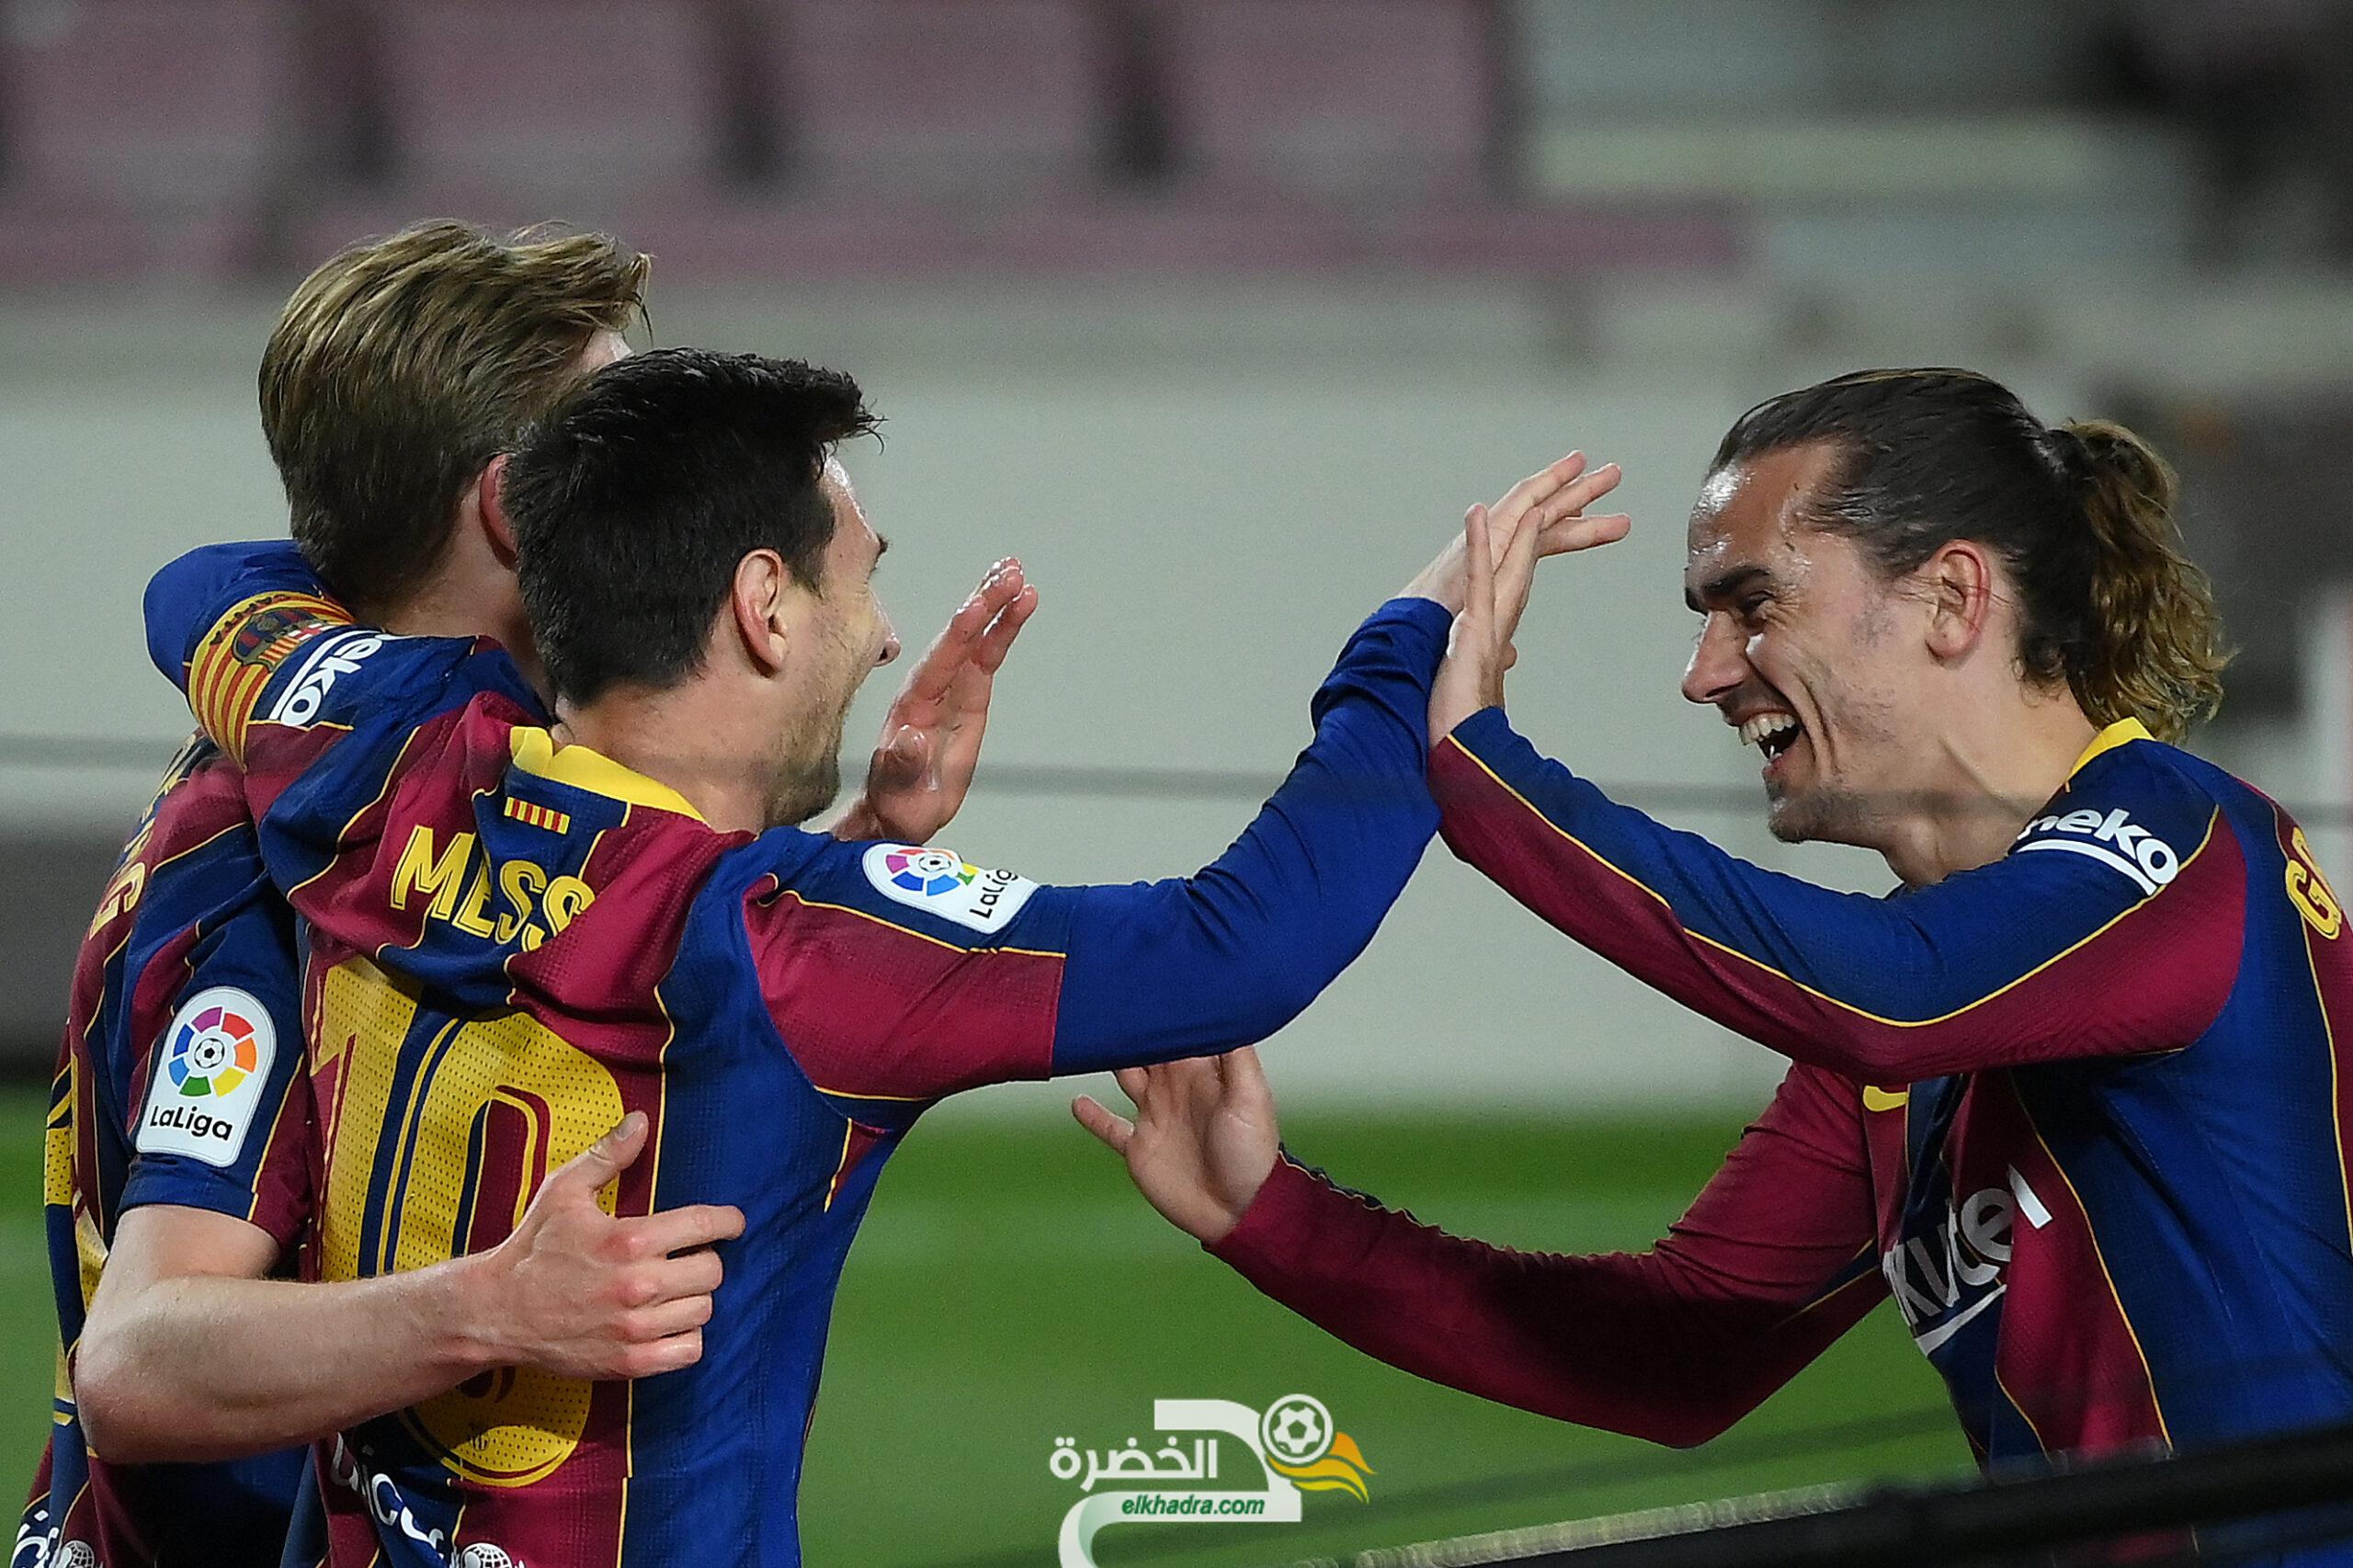 ميسي يقود برشلونة للفوز على ضيفه خيتافي بخماسية 6